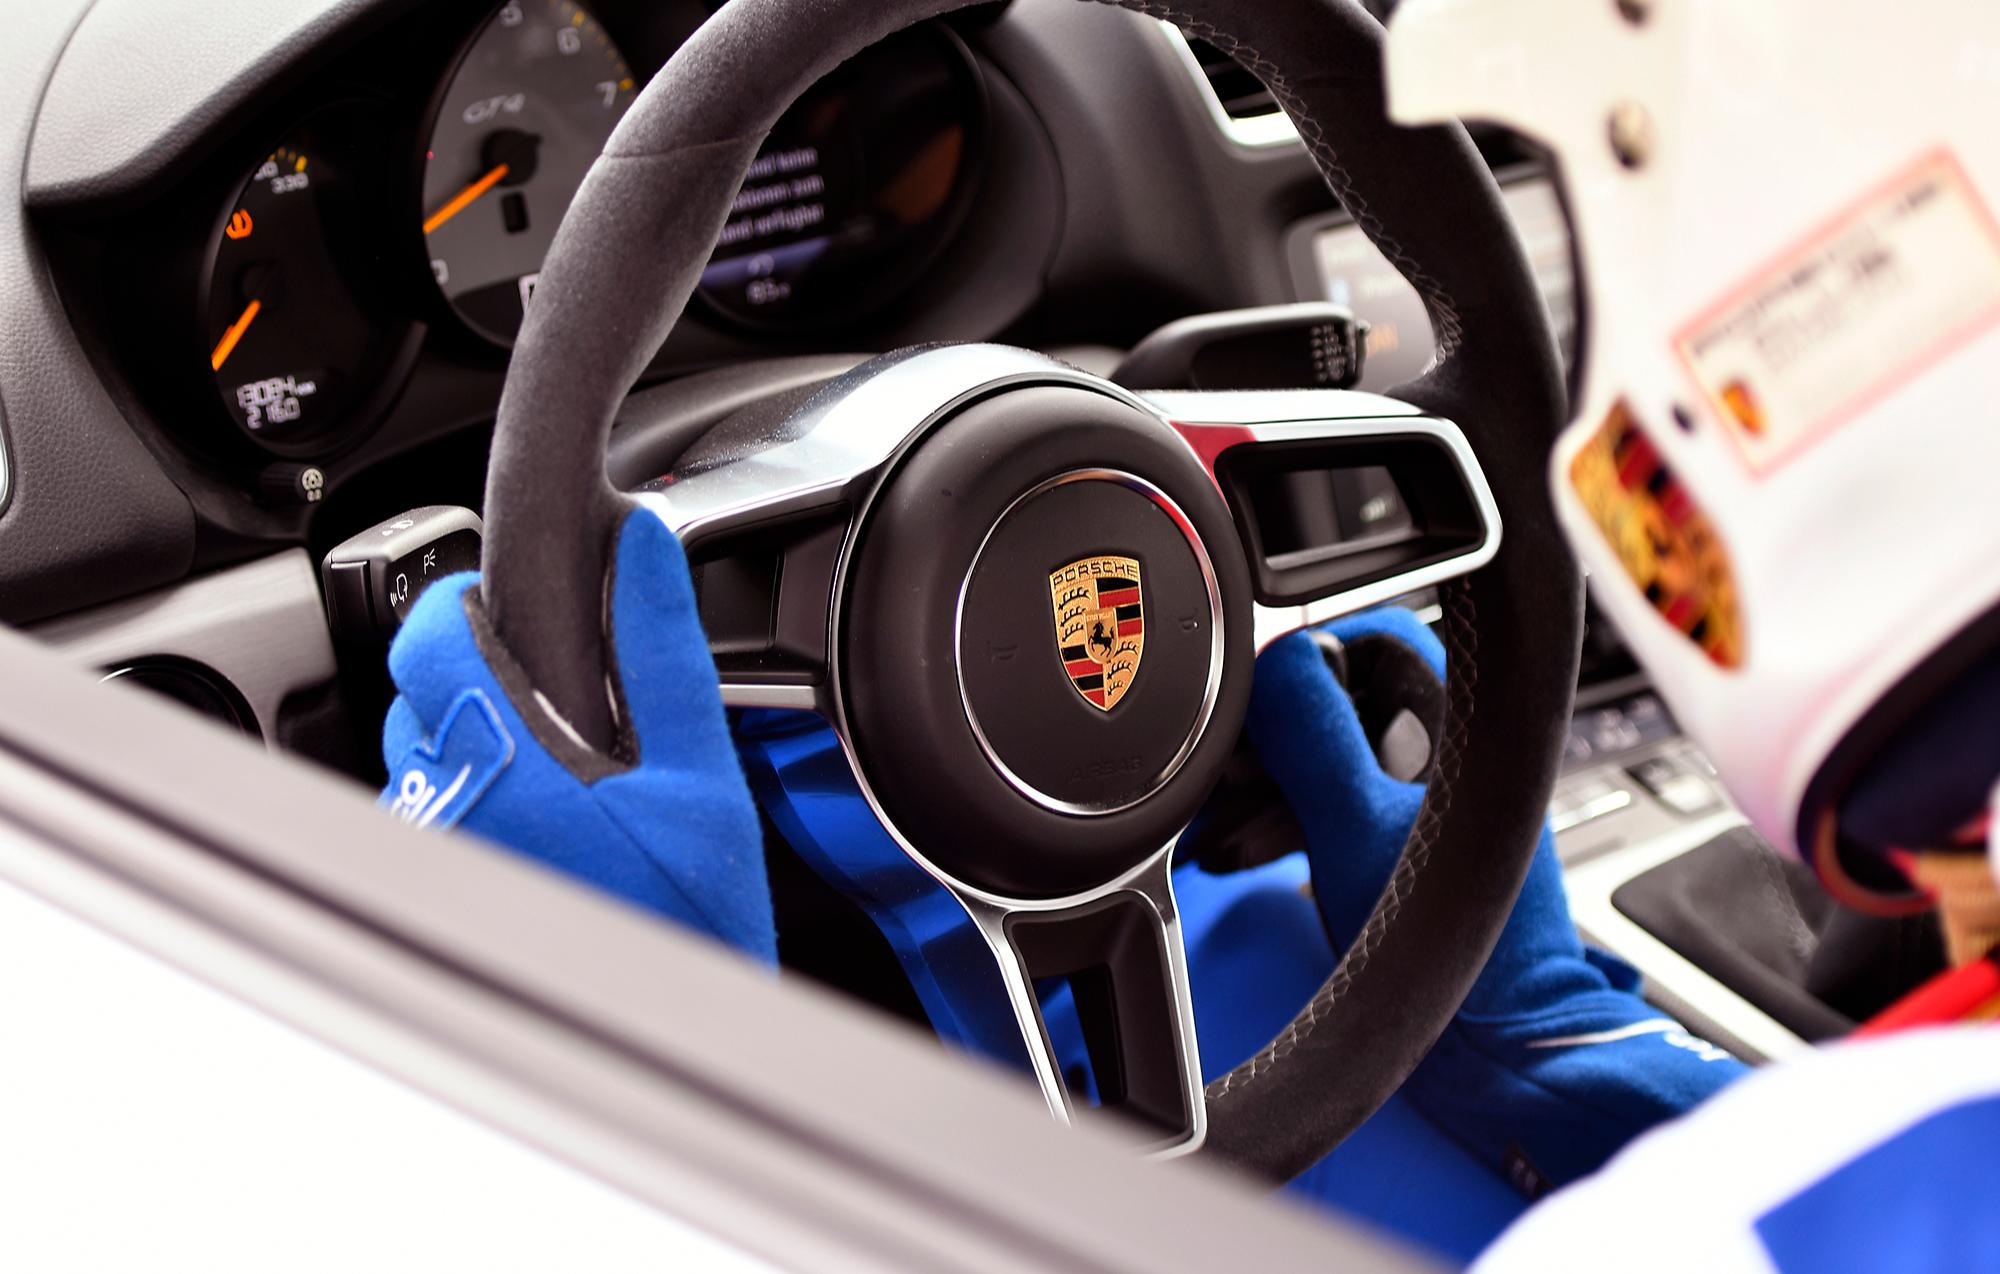 supersportwagen-selber-fahren-bad-driburg-bg4